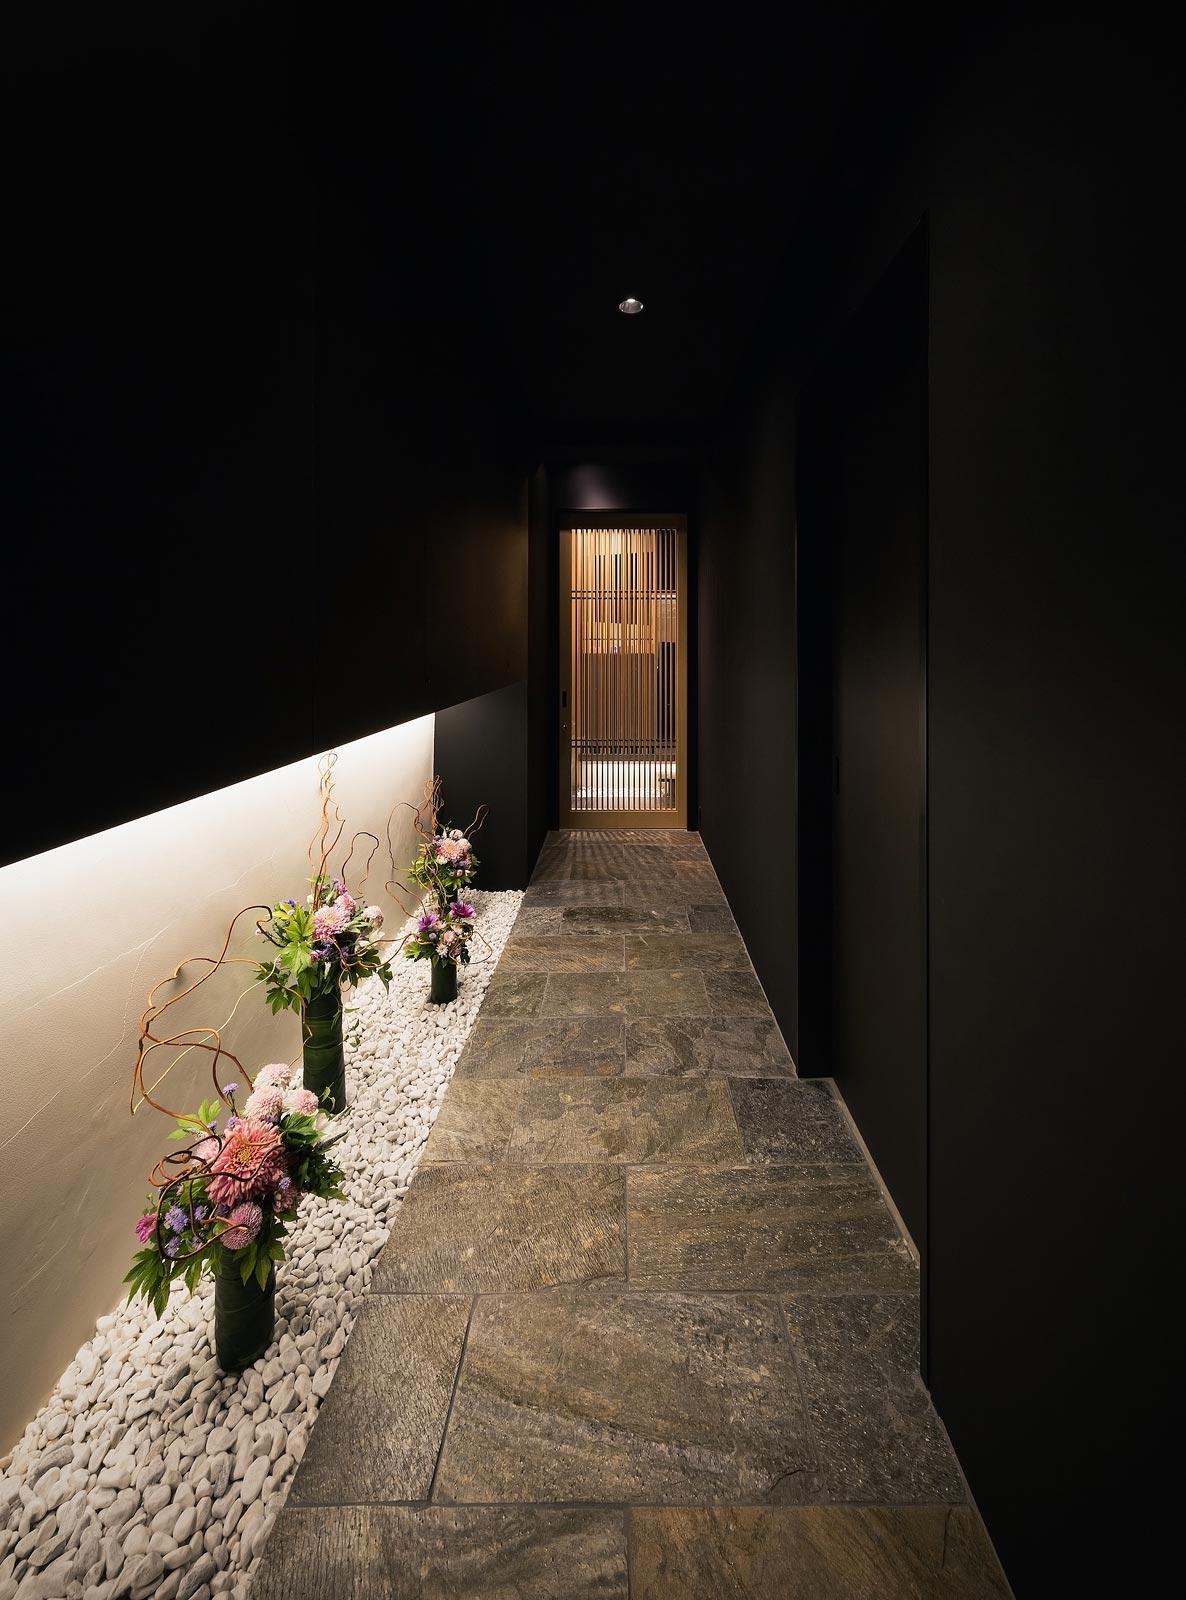 <p> エントランスをくぐり、真っ黒な石畳の露地を抜けて店内へ </p>